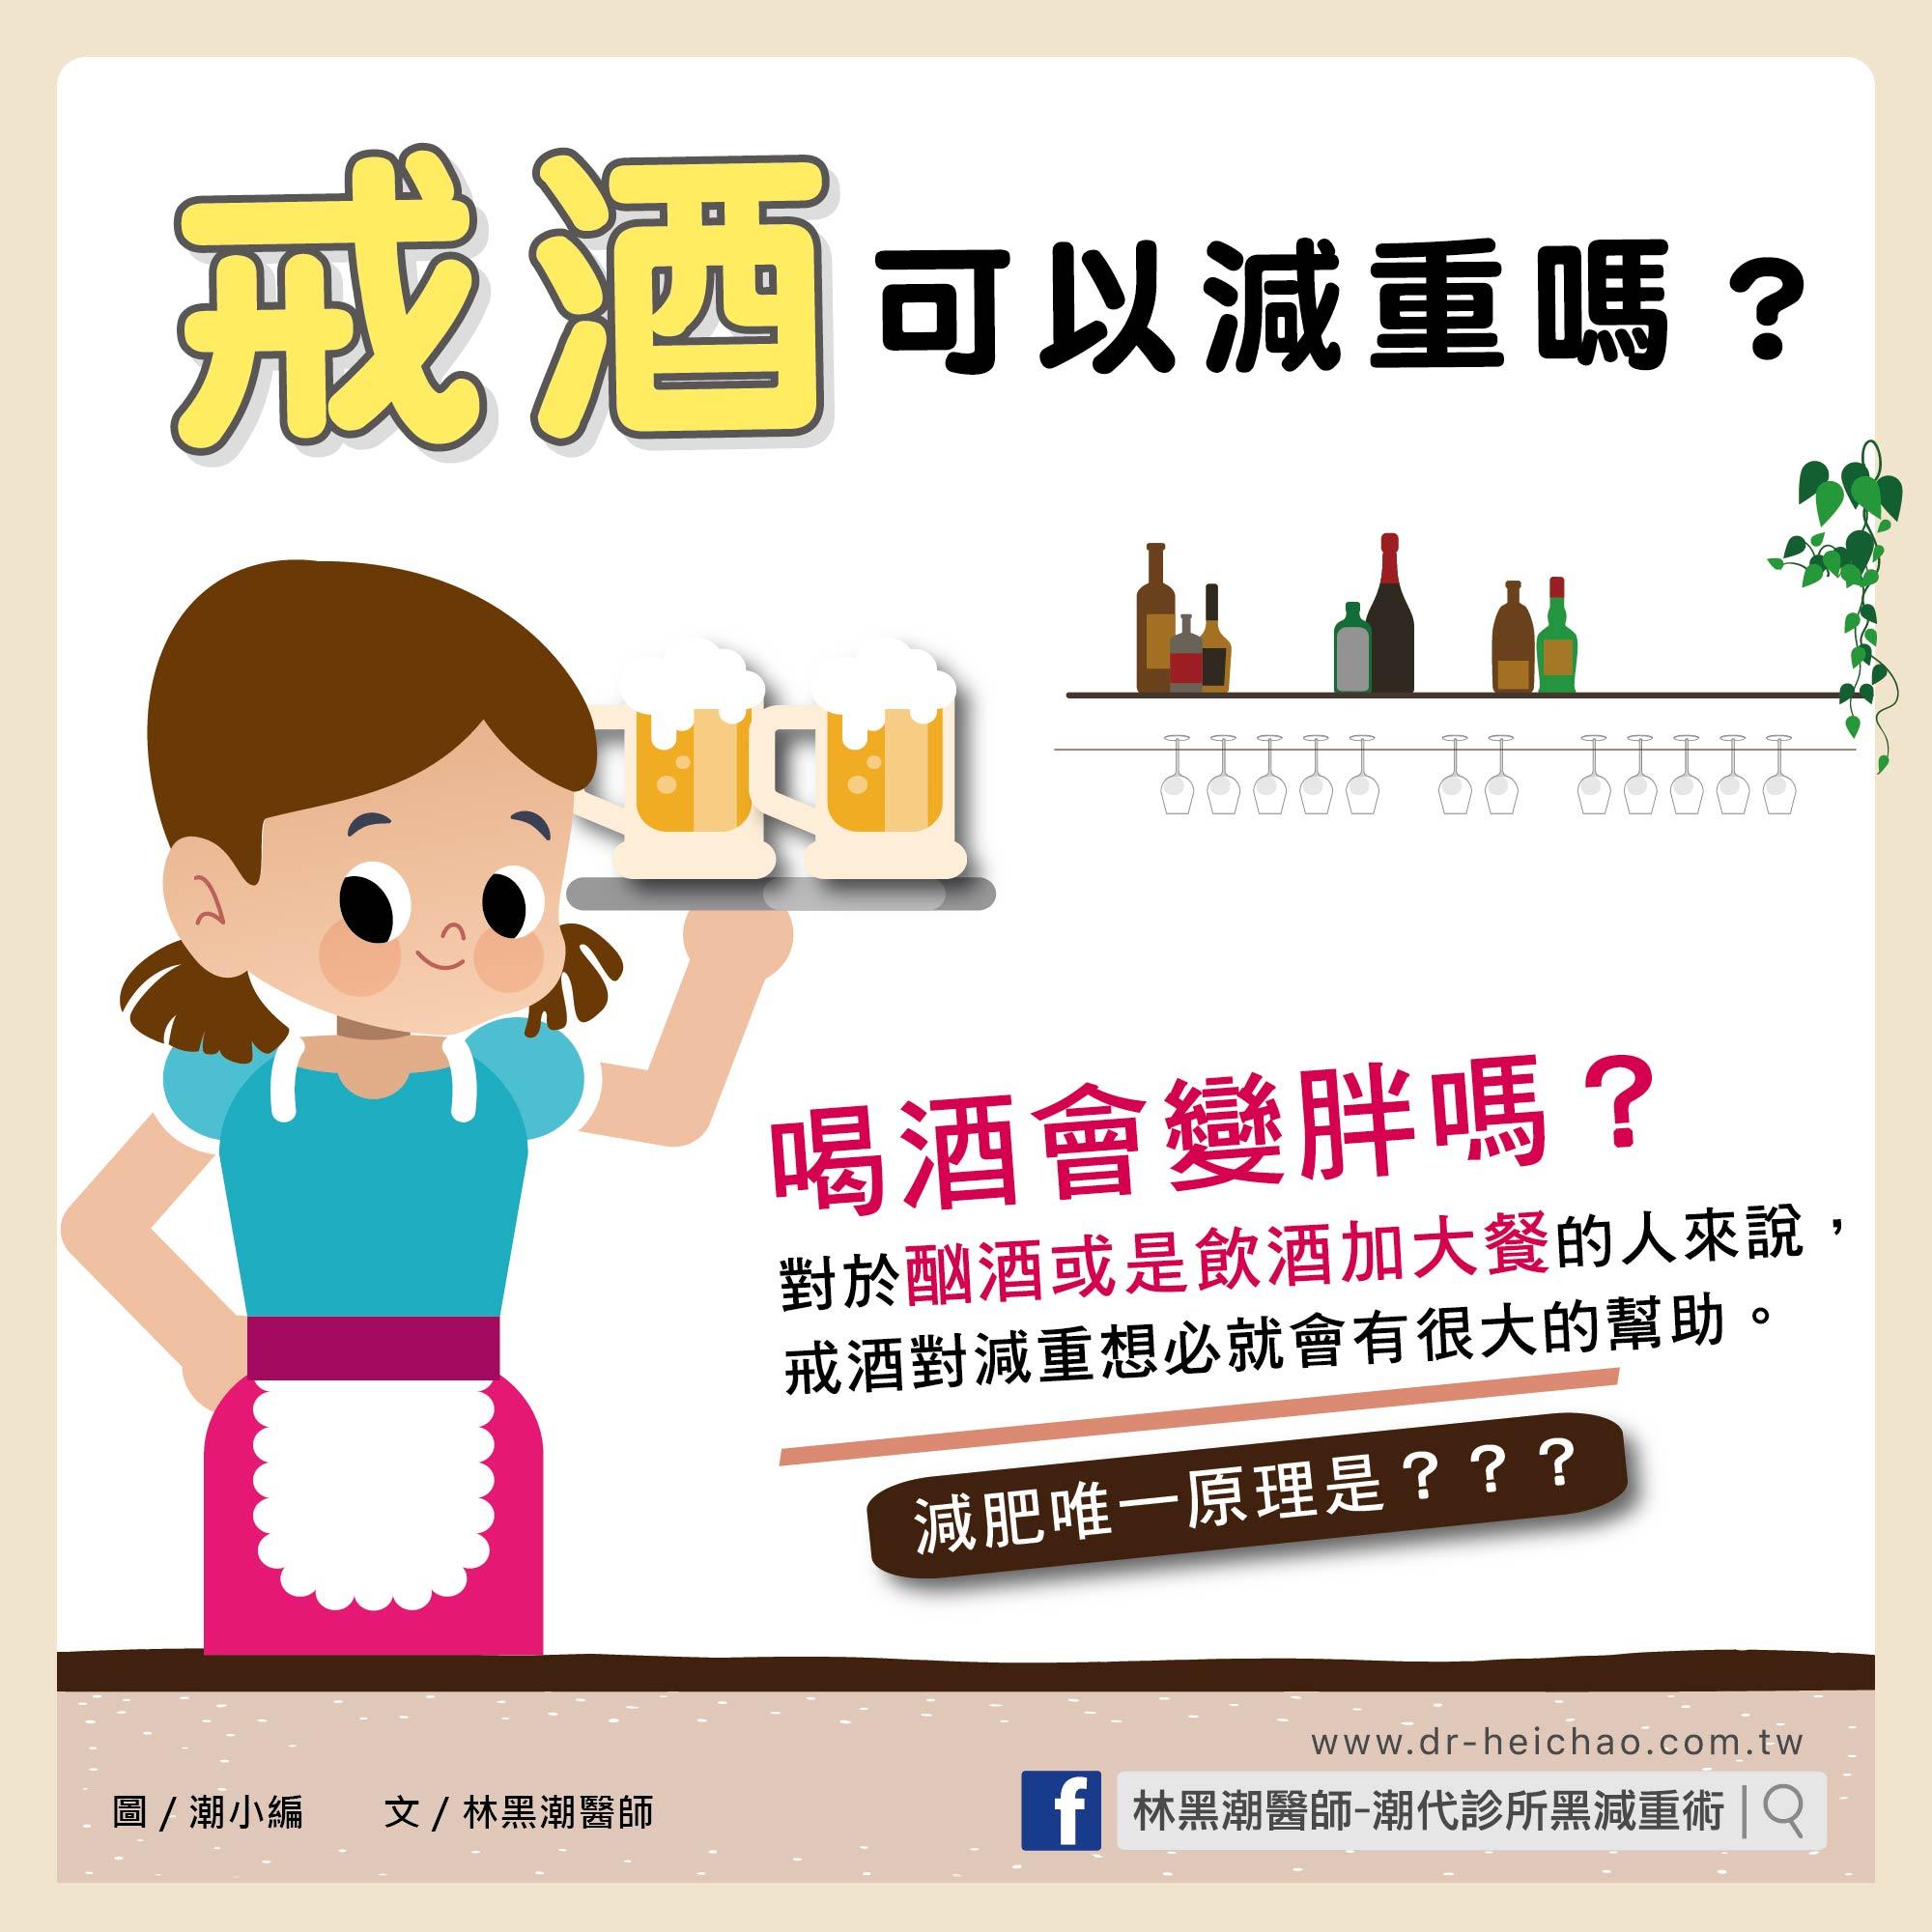 醫療/戒酒可以減重嗎?